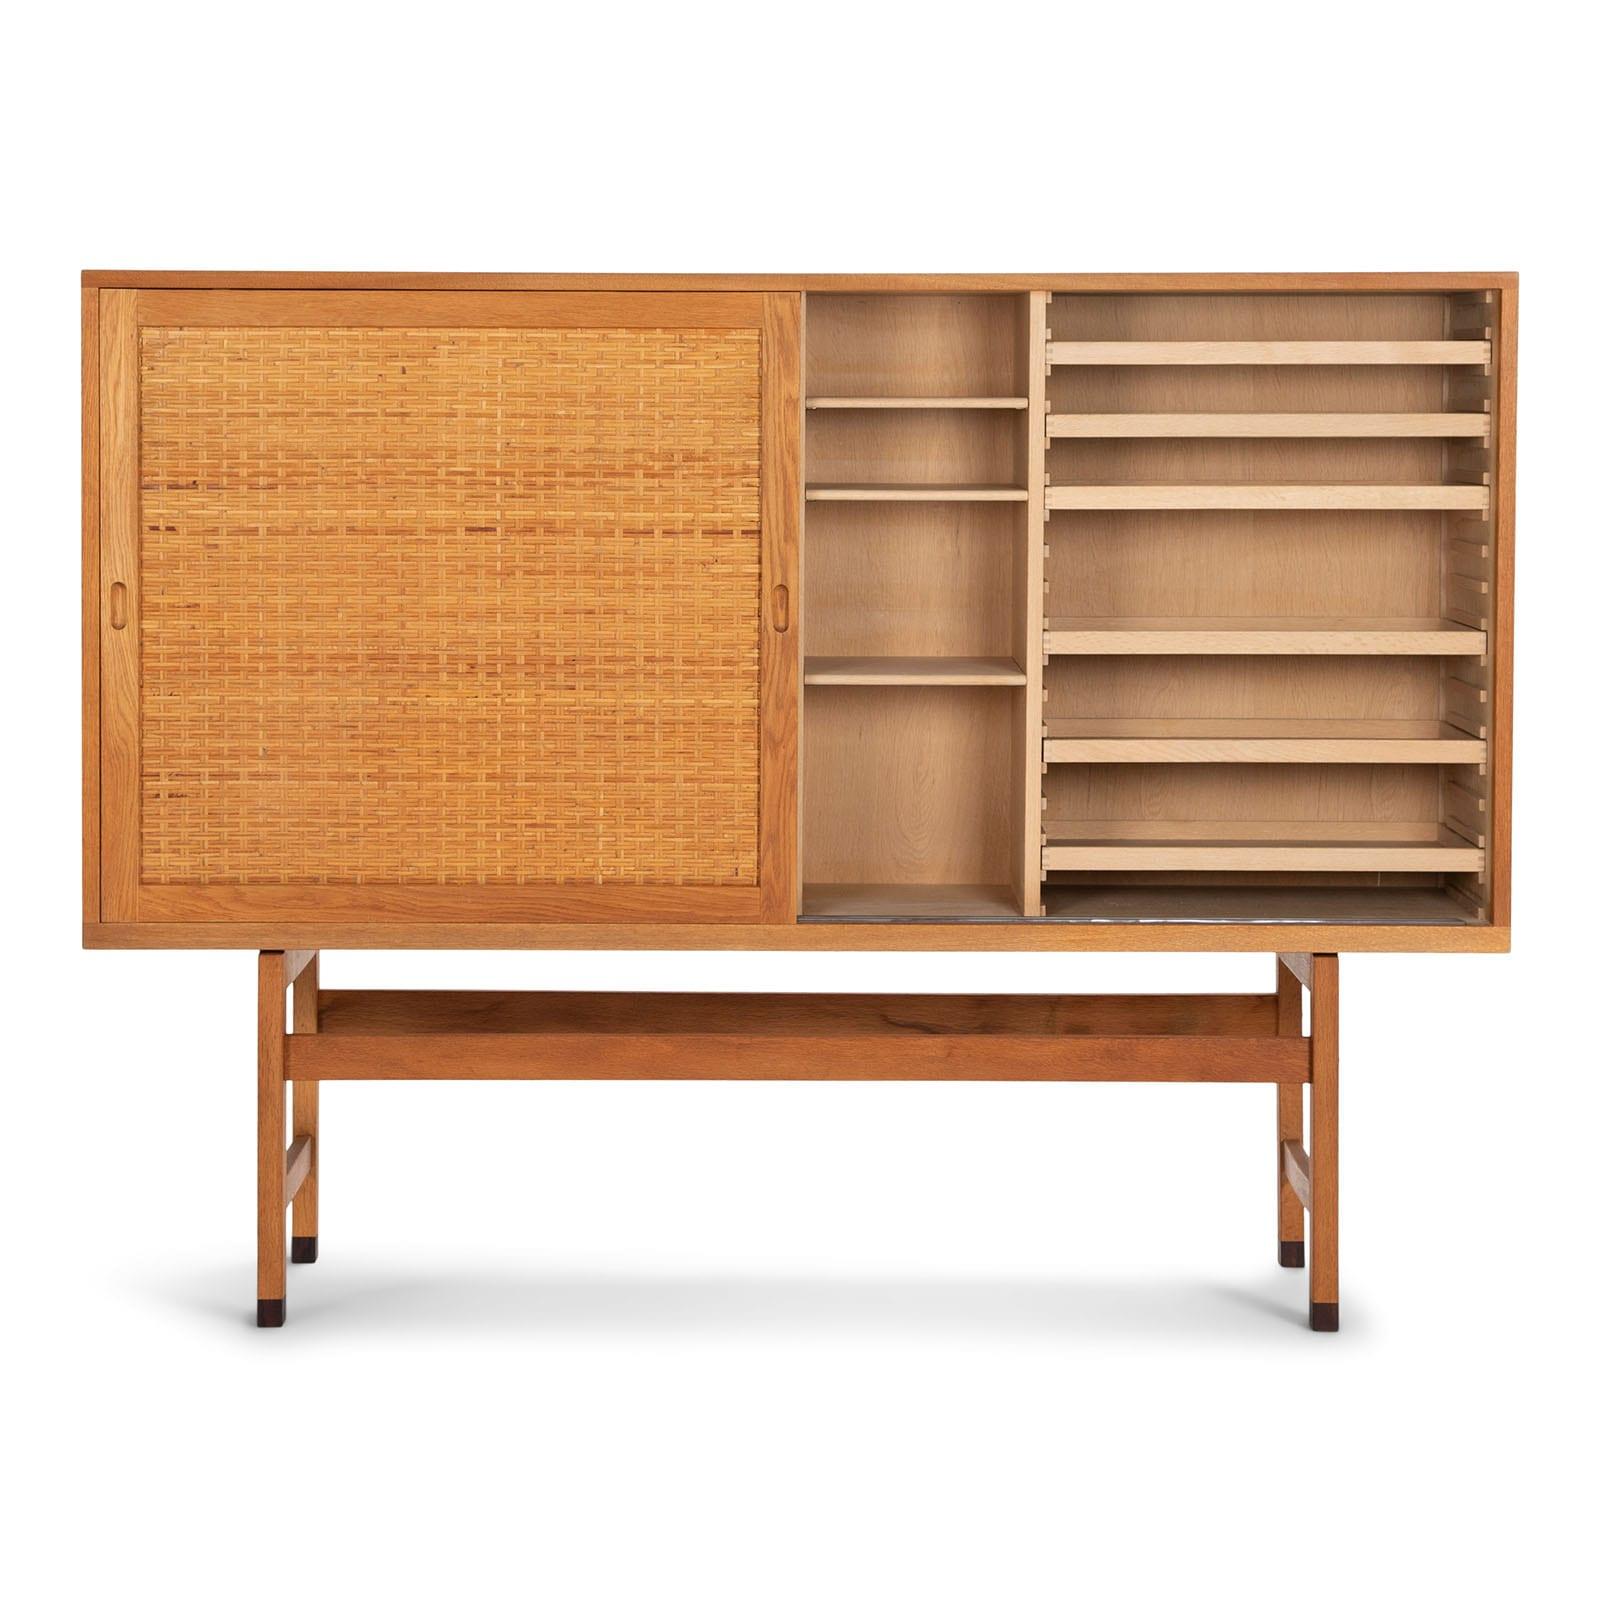 A tall cabinet in oak